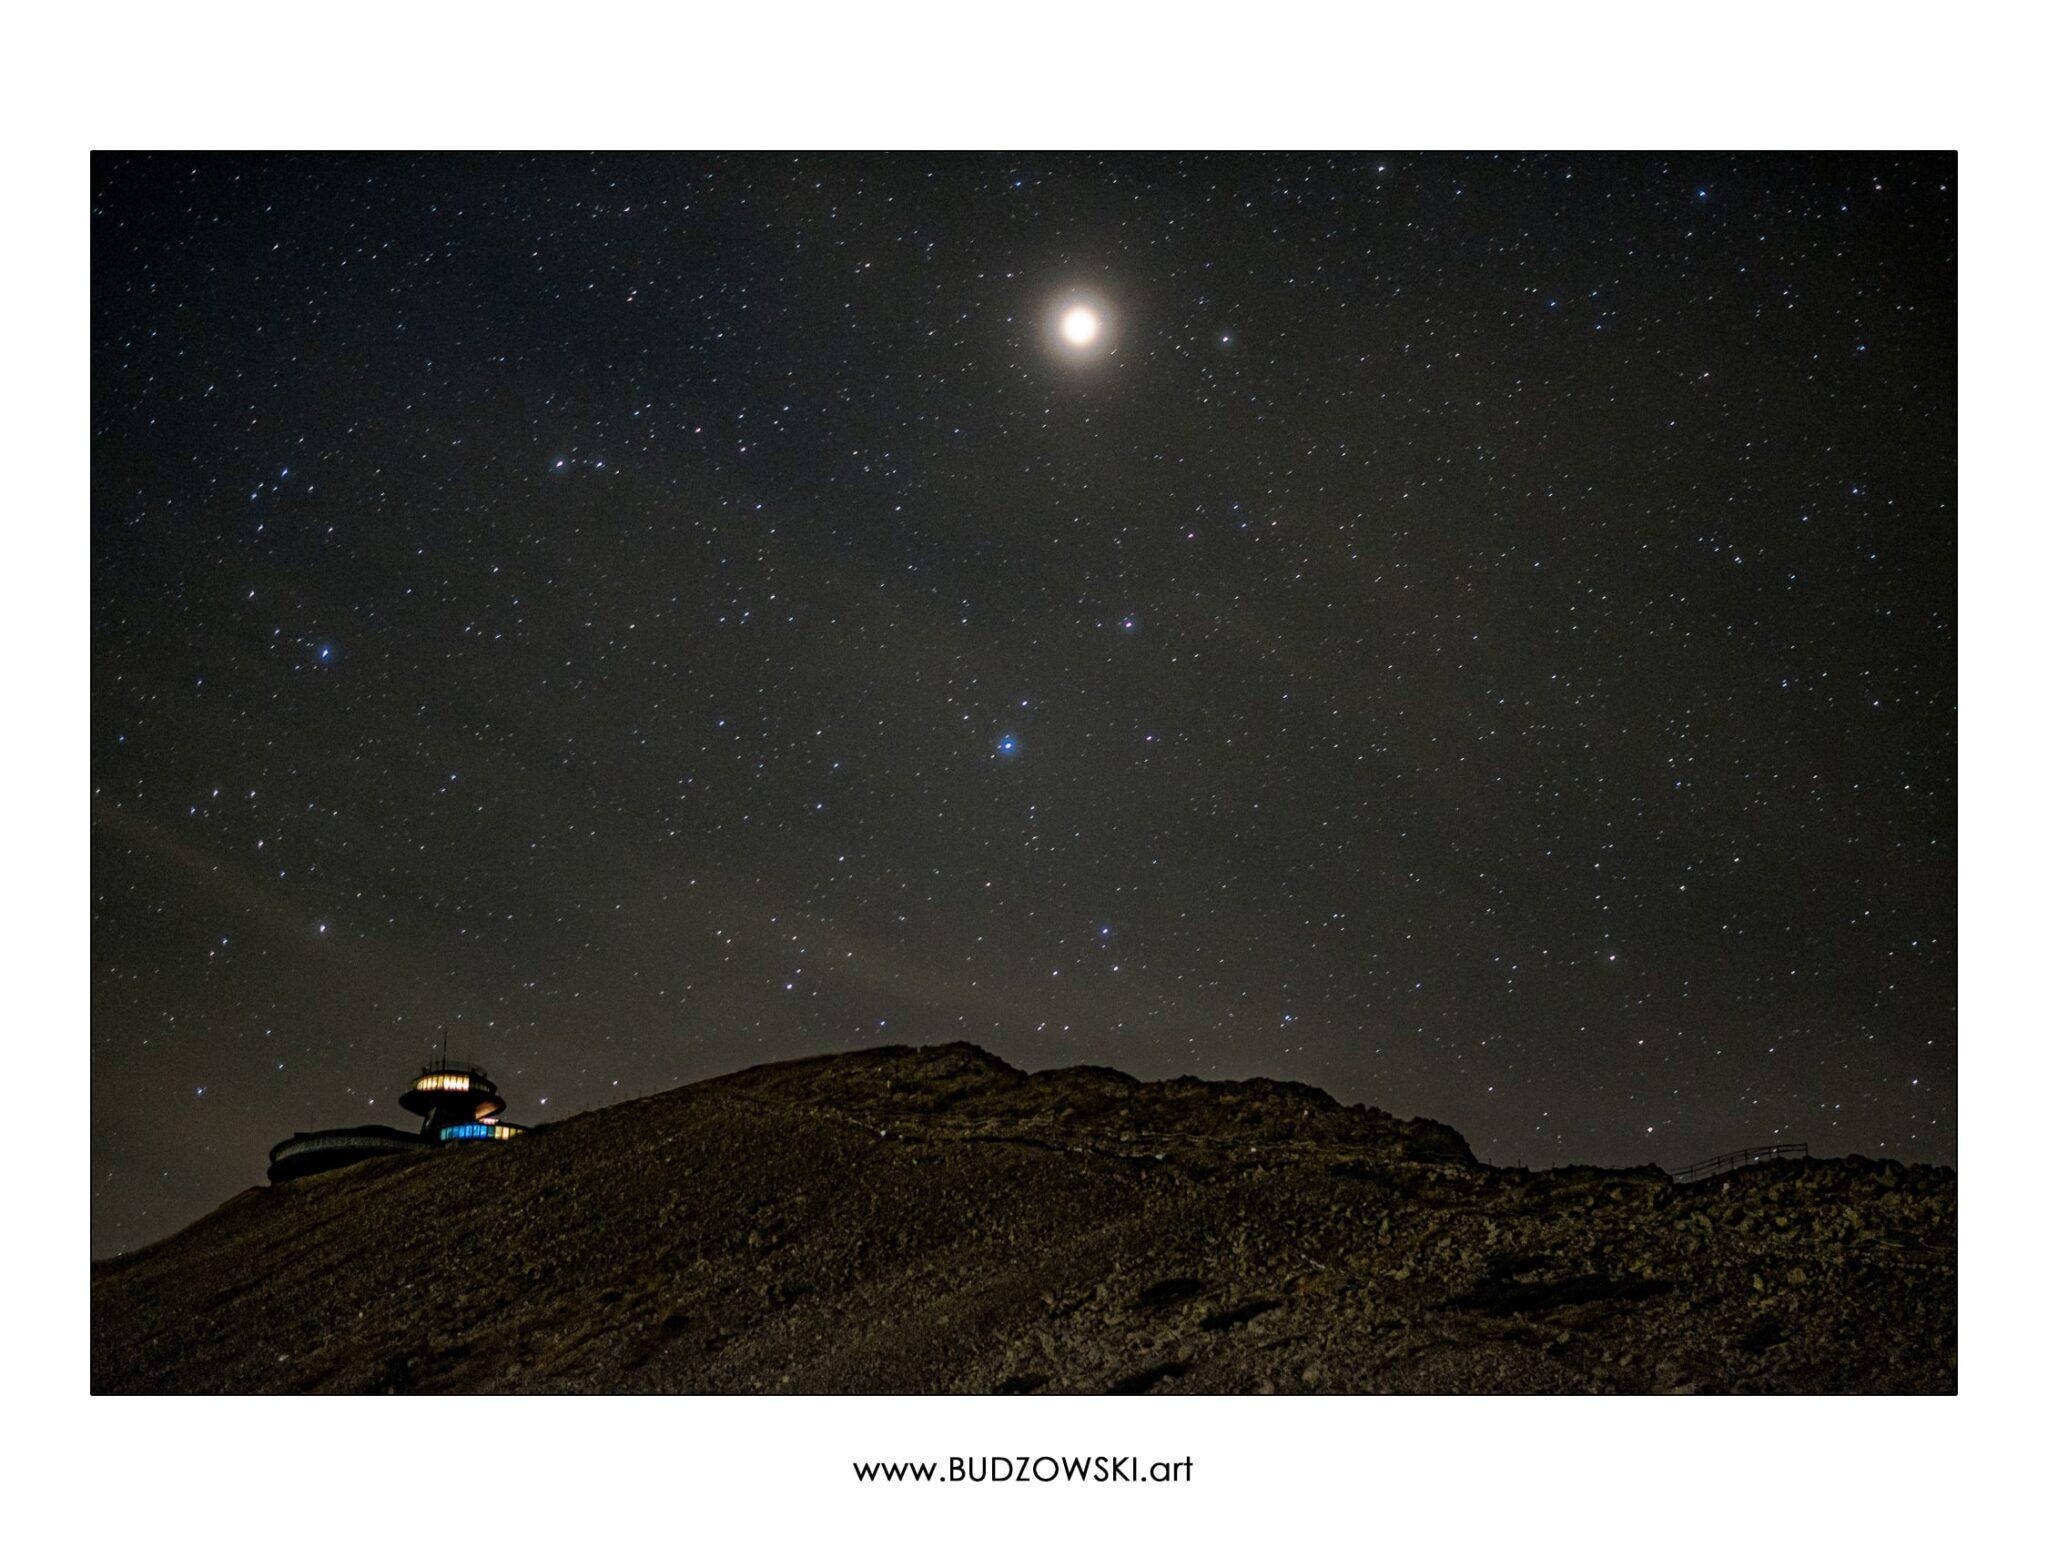 Śnieżka. Obserwatorium. Karpacz. Karkonosze. Gwiazdy.